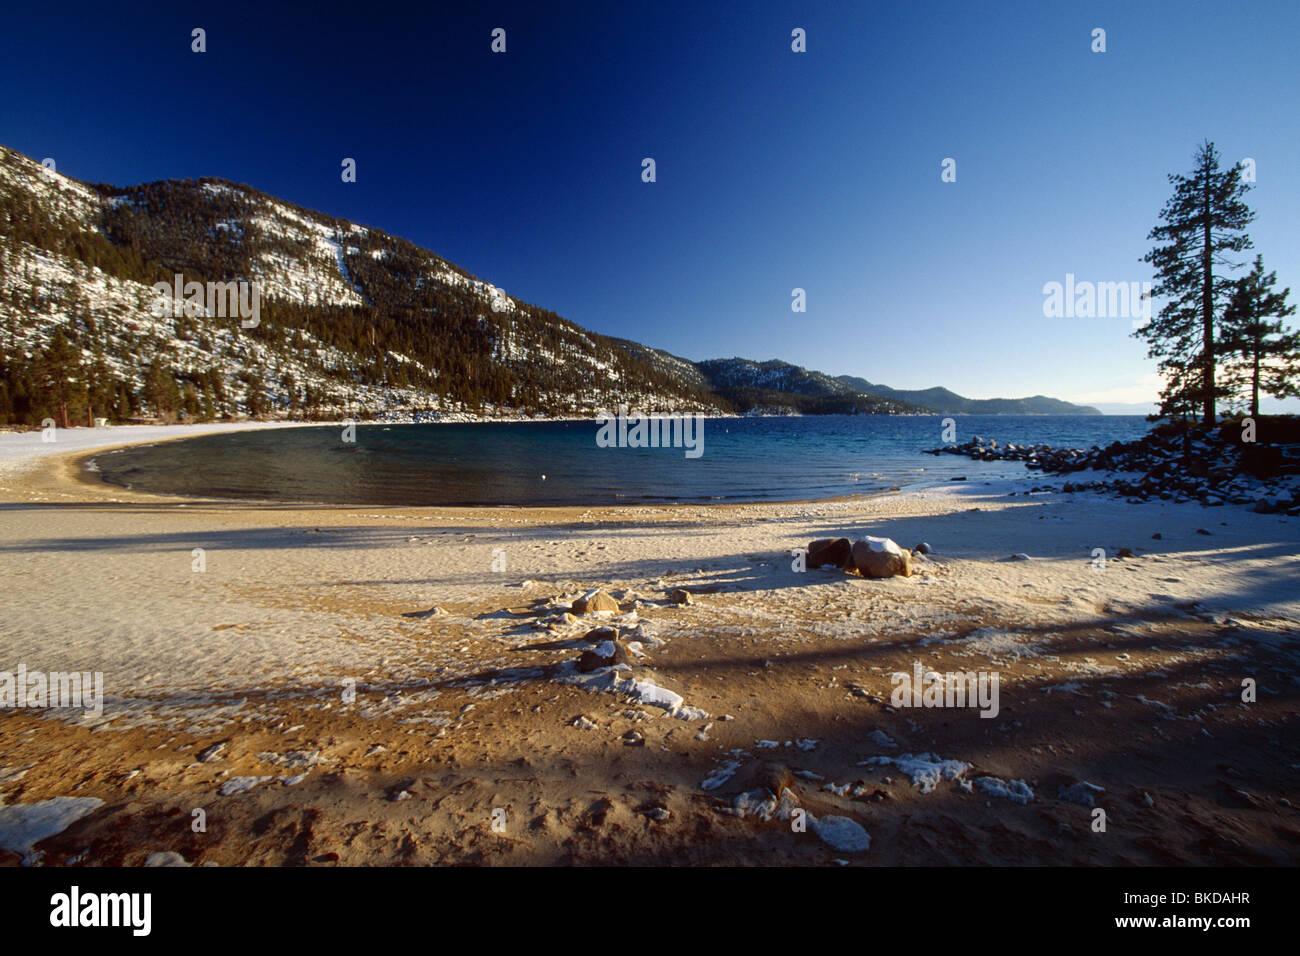 Sand Bay Beach Winter Scenic, Lake Tahoe, Nevada Stock Photo